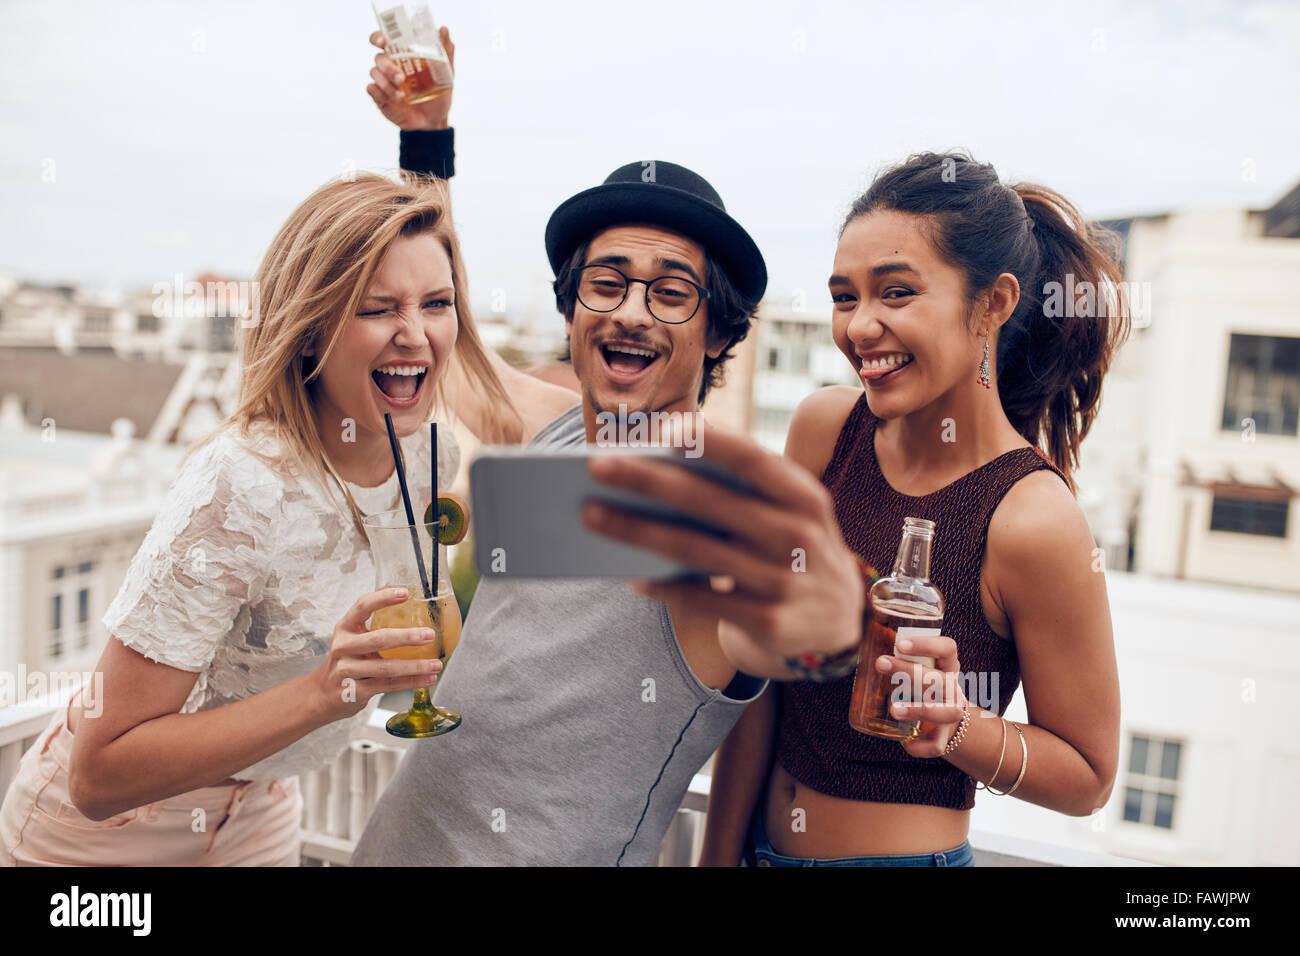 Kleine Gruppe von Freunden nehmen Selfie auf einem Mobiltelefon. Junge Männer und Frauen mit Getränken Stockbild